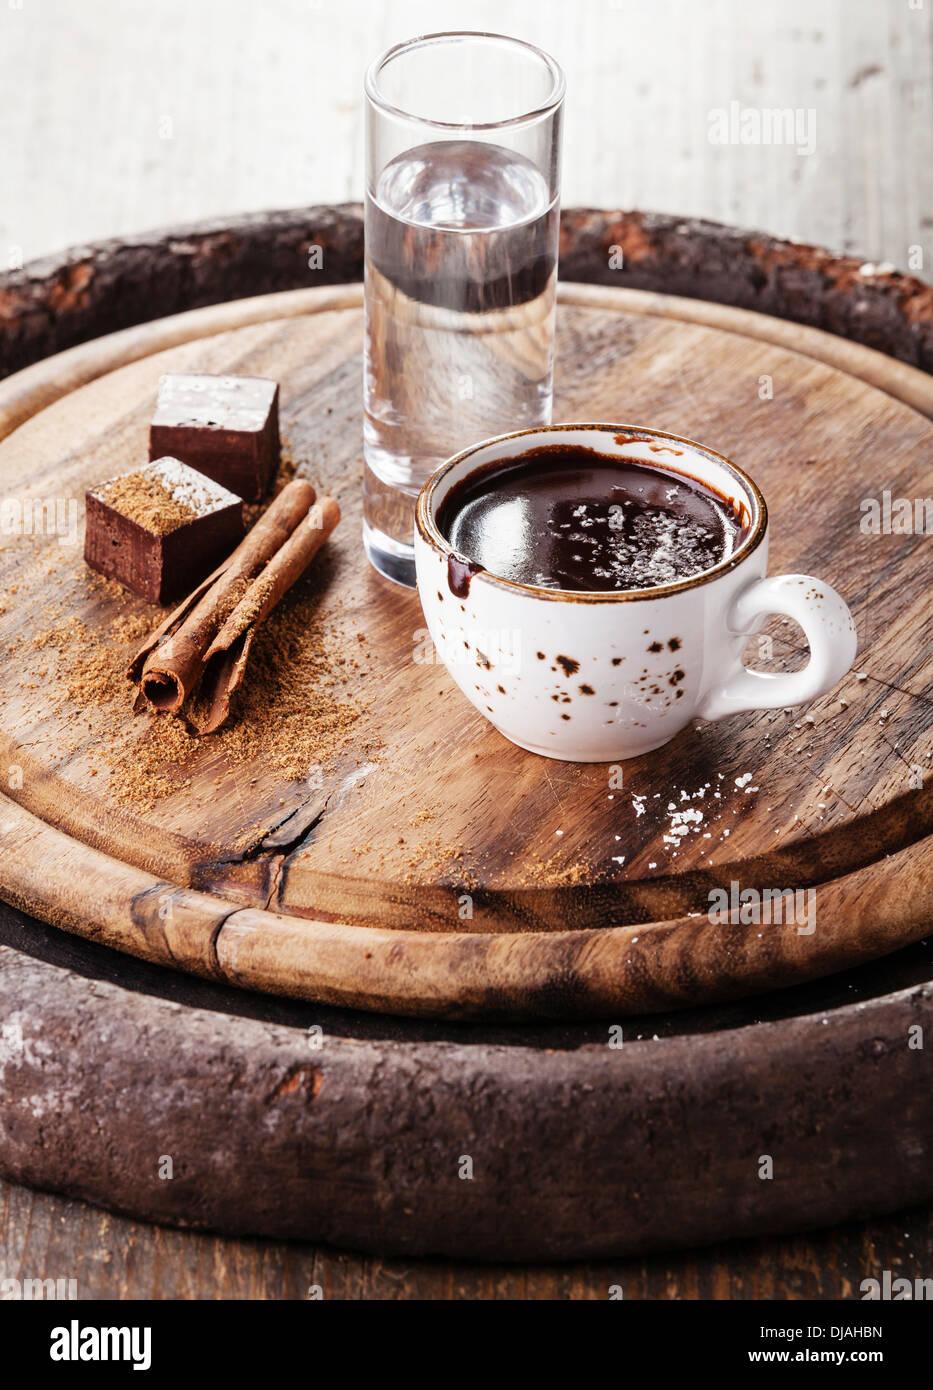 Cioccolata calda con spezie e acqua Immagini Stock